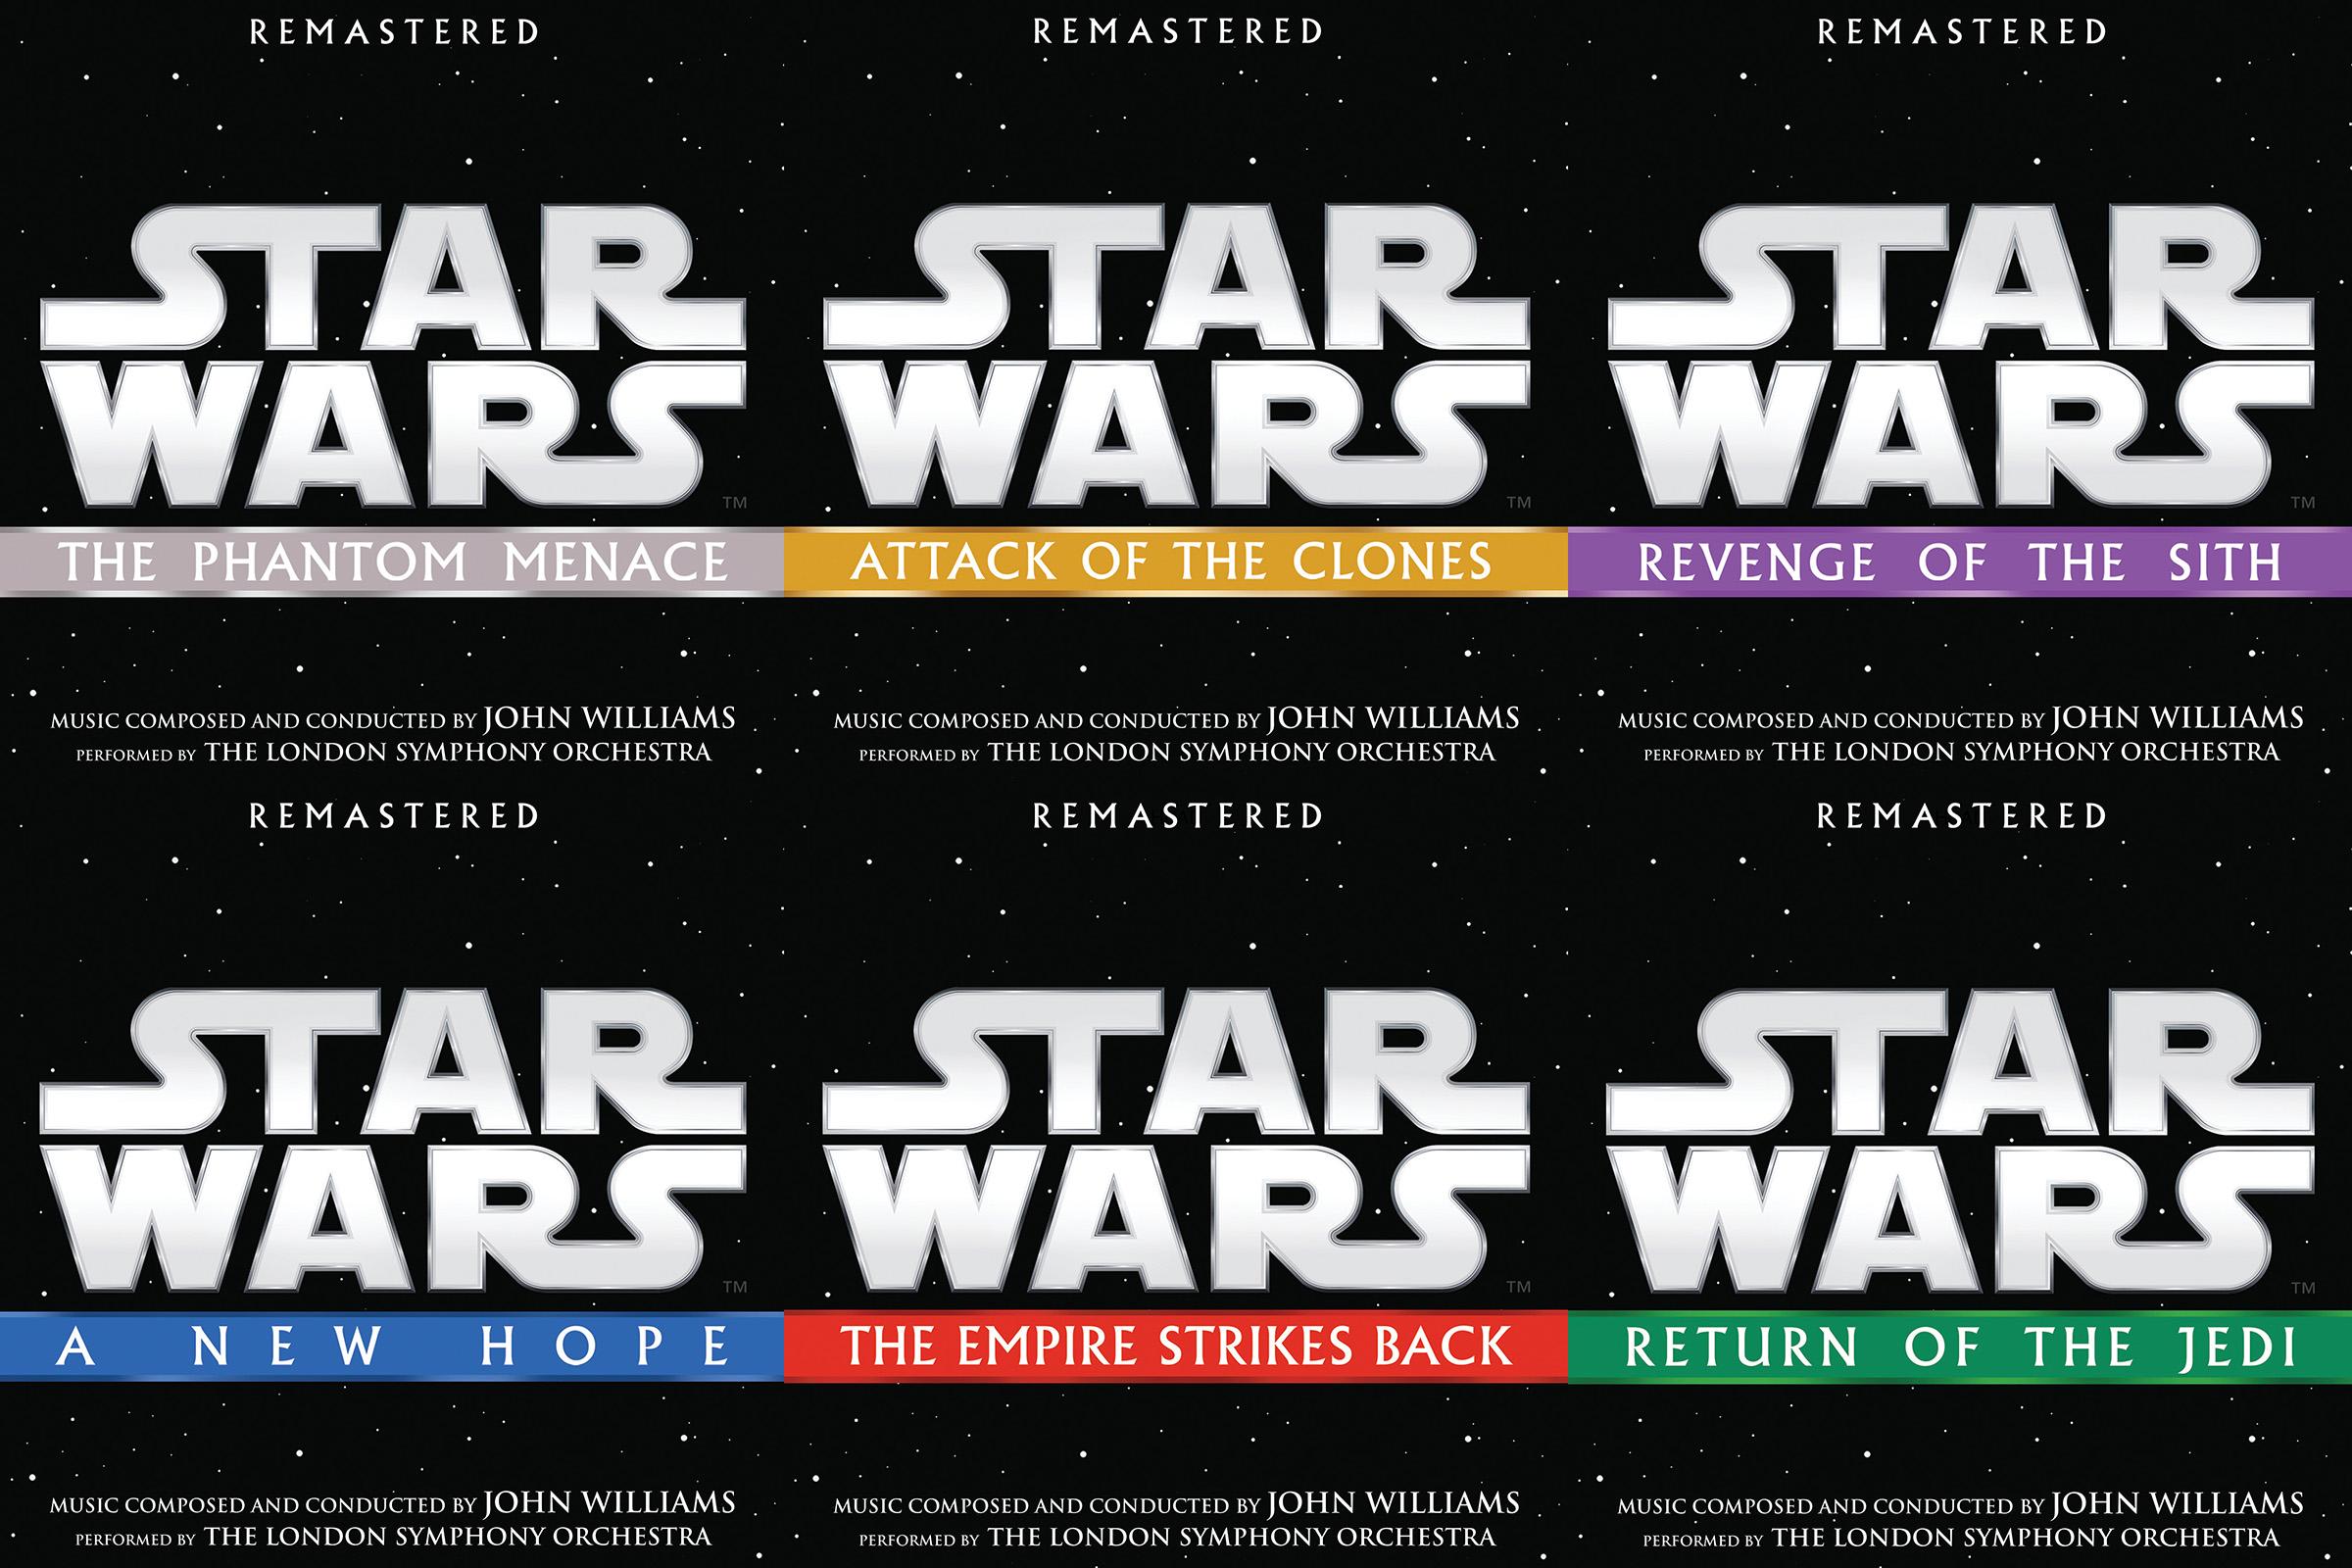 remastered star wars movie